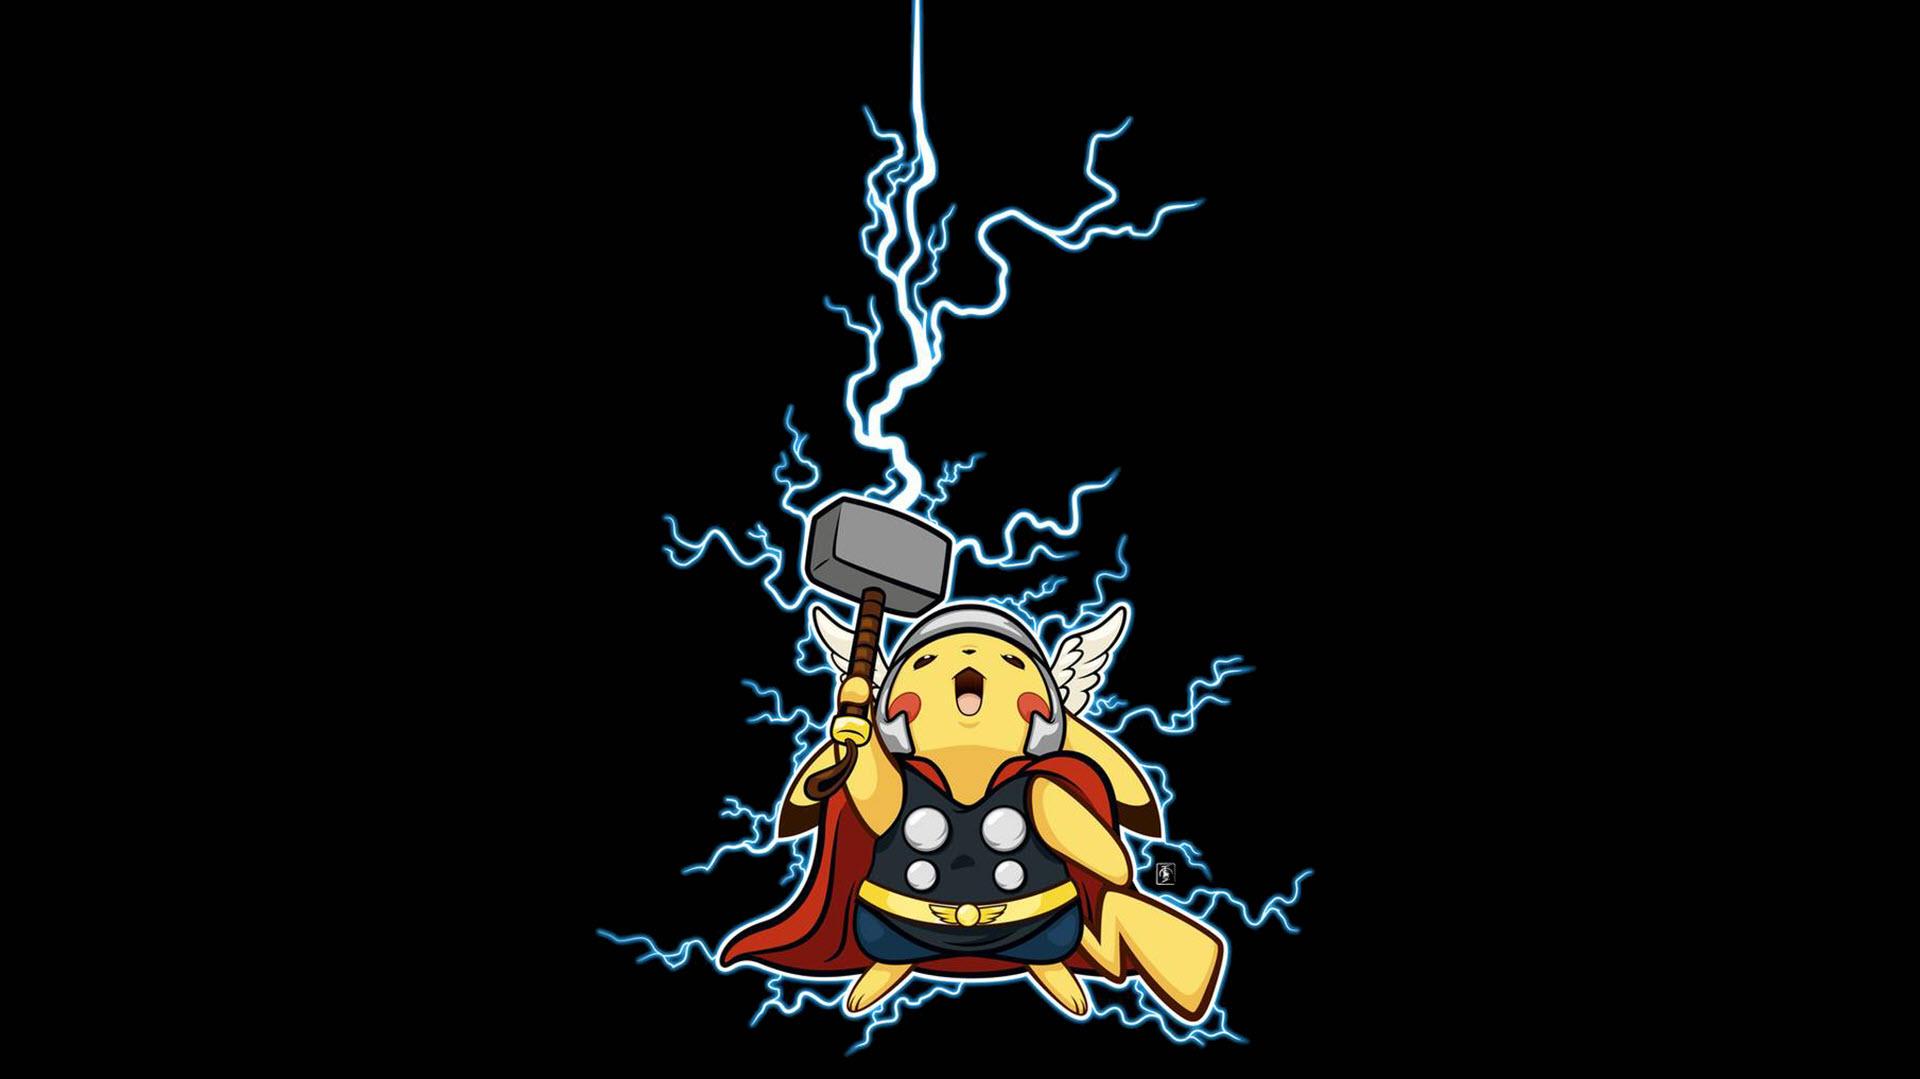 Hình nền Pikachu Thor đẹp ngầu